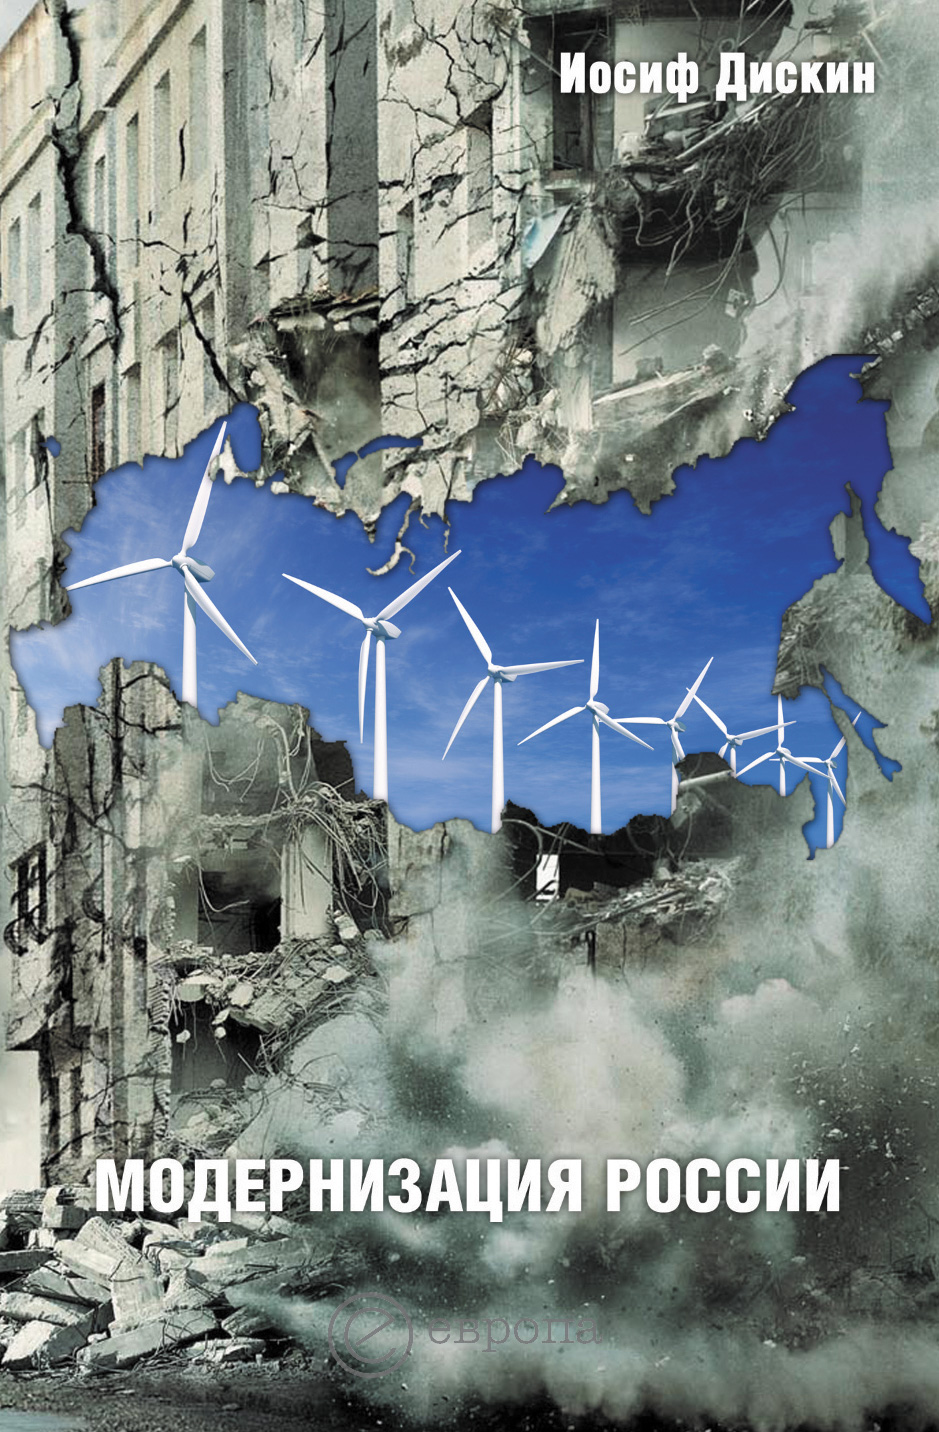 Модернизация России: сохранится ли после 2012 года? Уроки по ходу